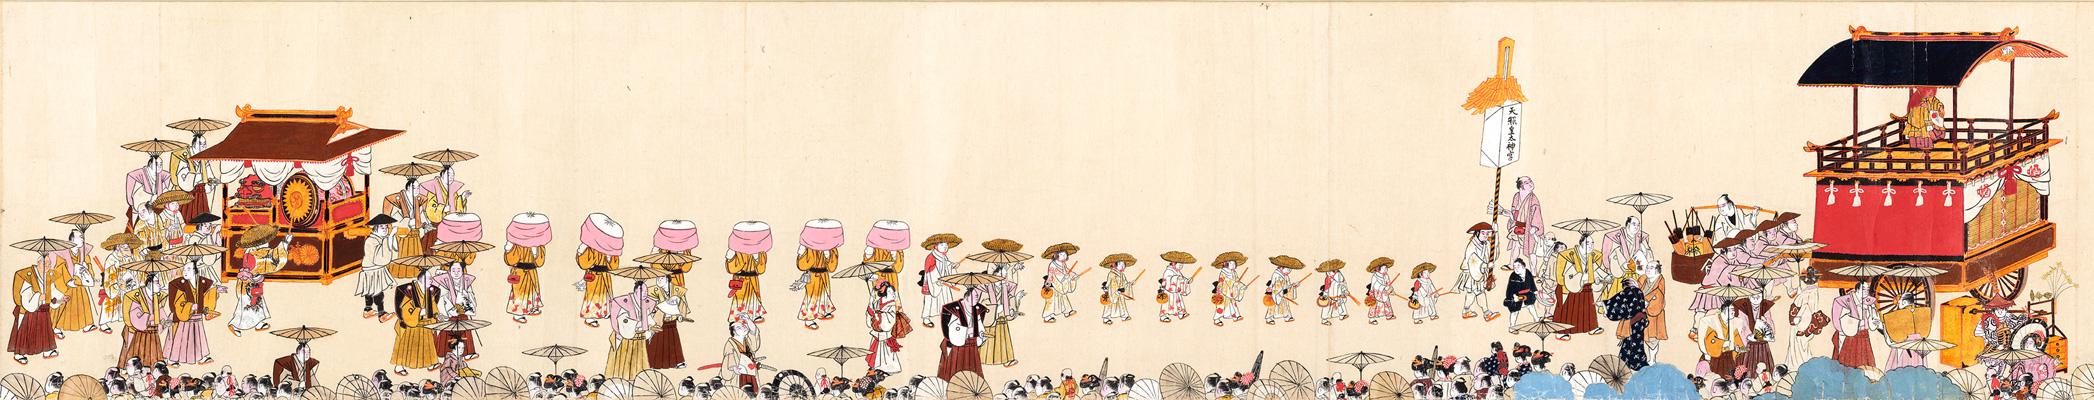 小浜祇園祭礼絵巻(廣嶺神社蔵)小浜市指定有形民俗文化財